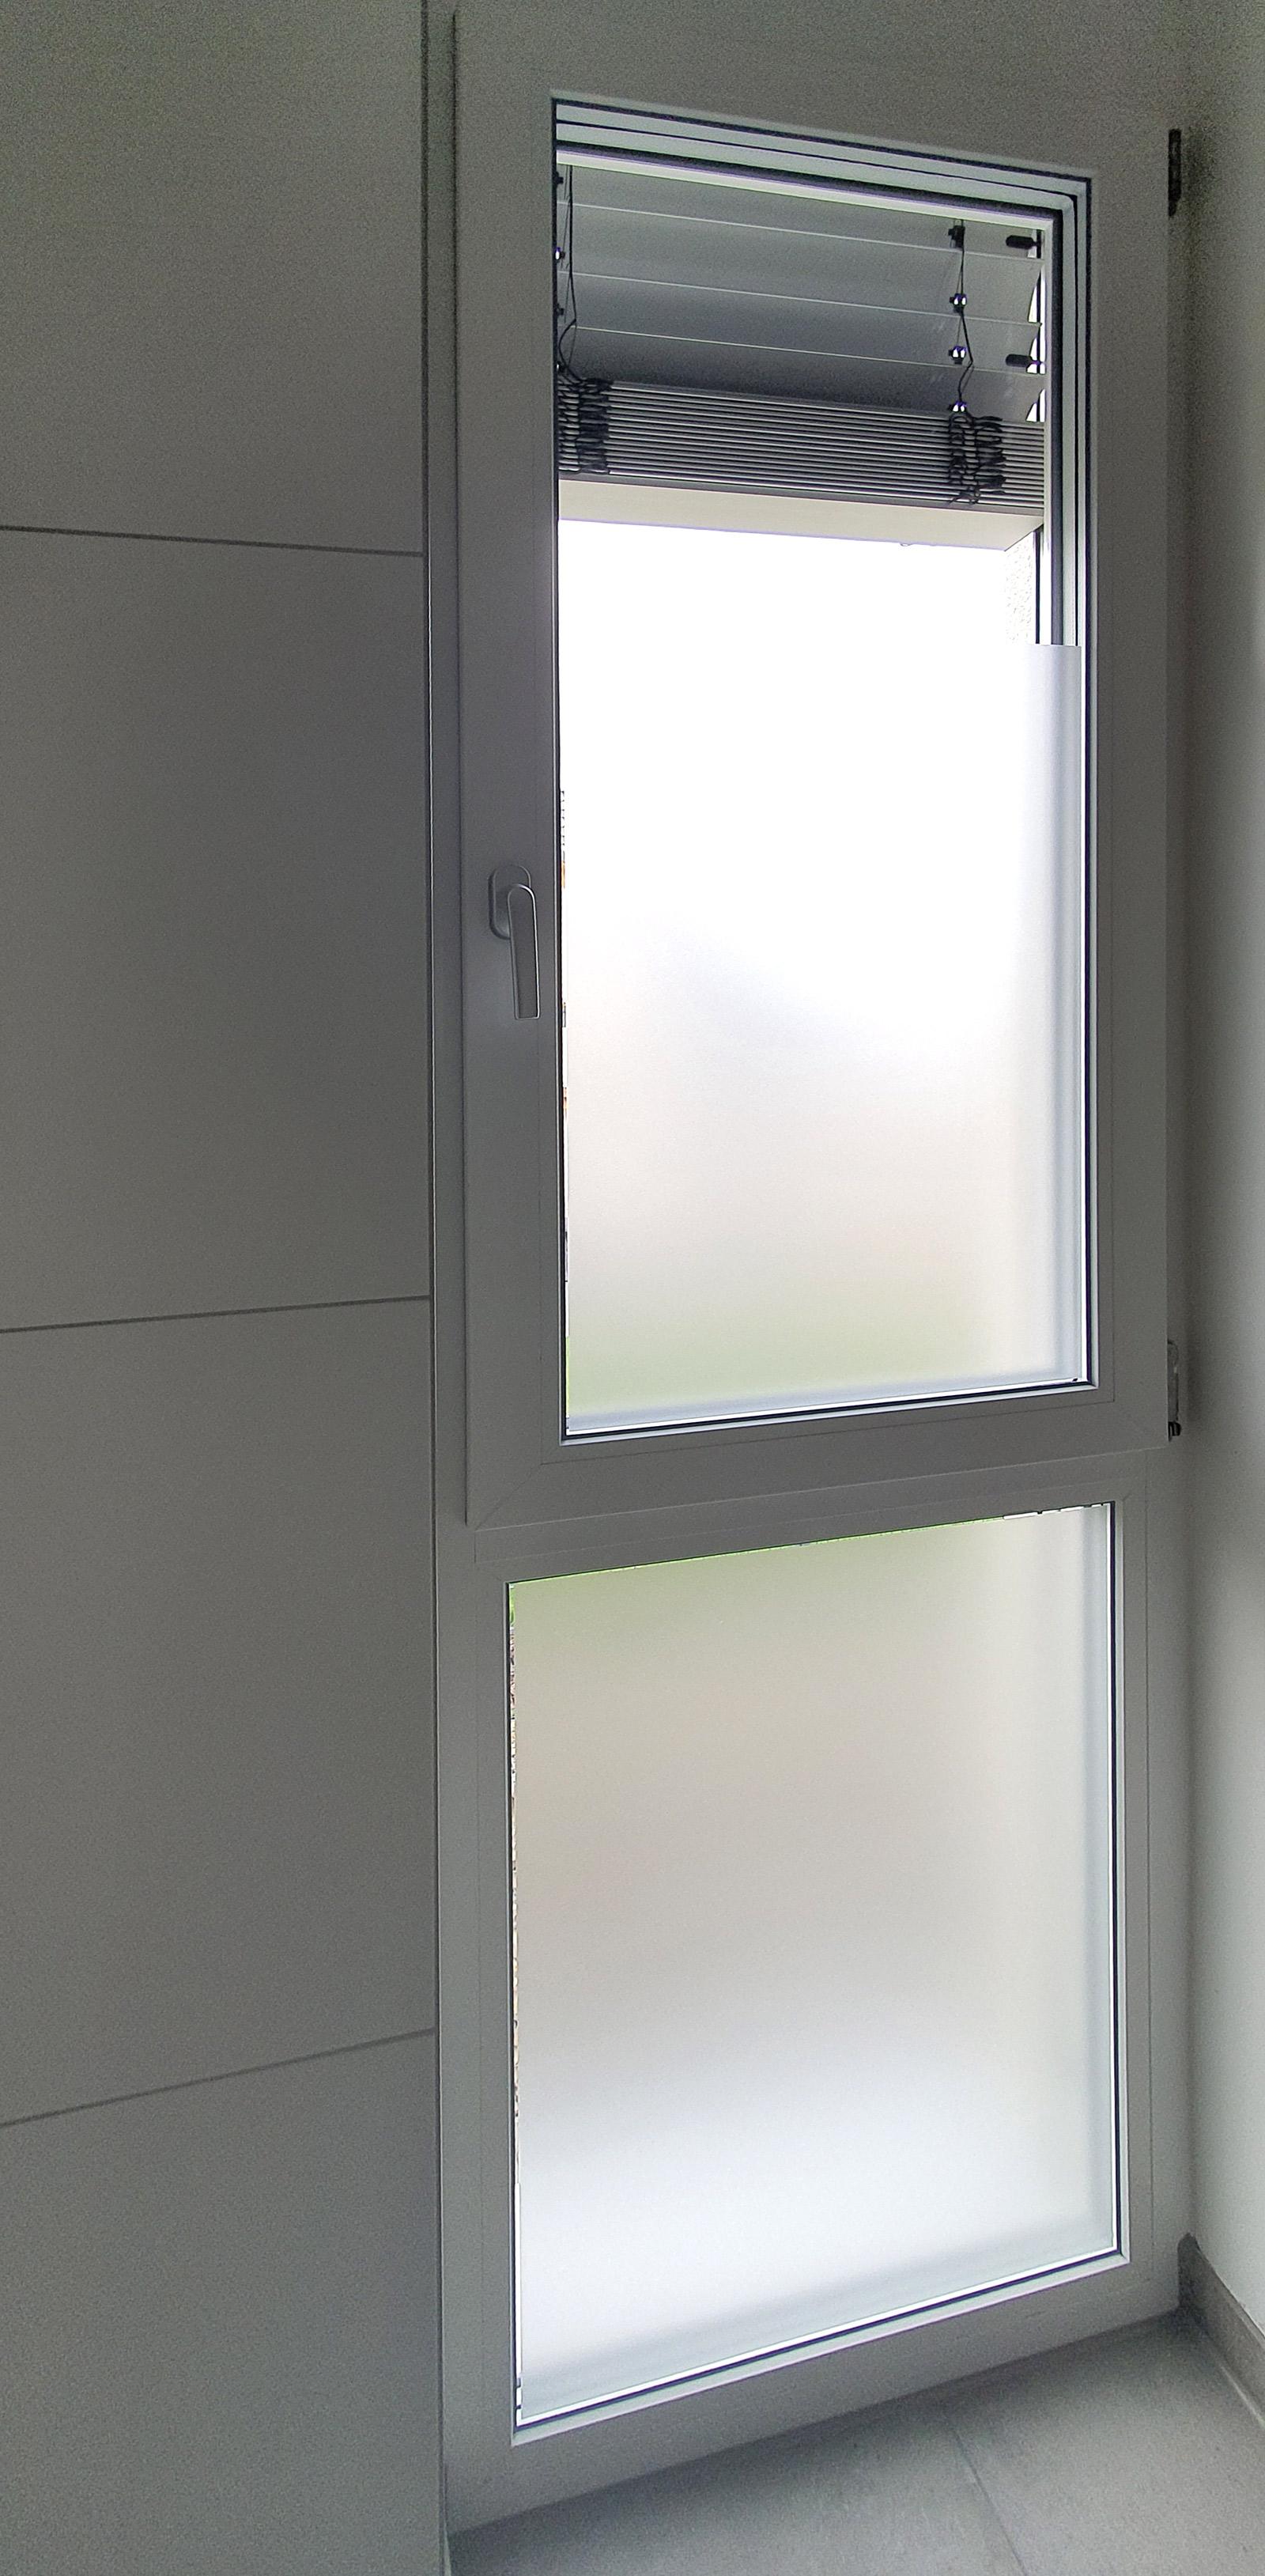 Badezimmerfenster mit einer Sichtschutzfolierung aus Milchglasfolie